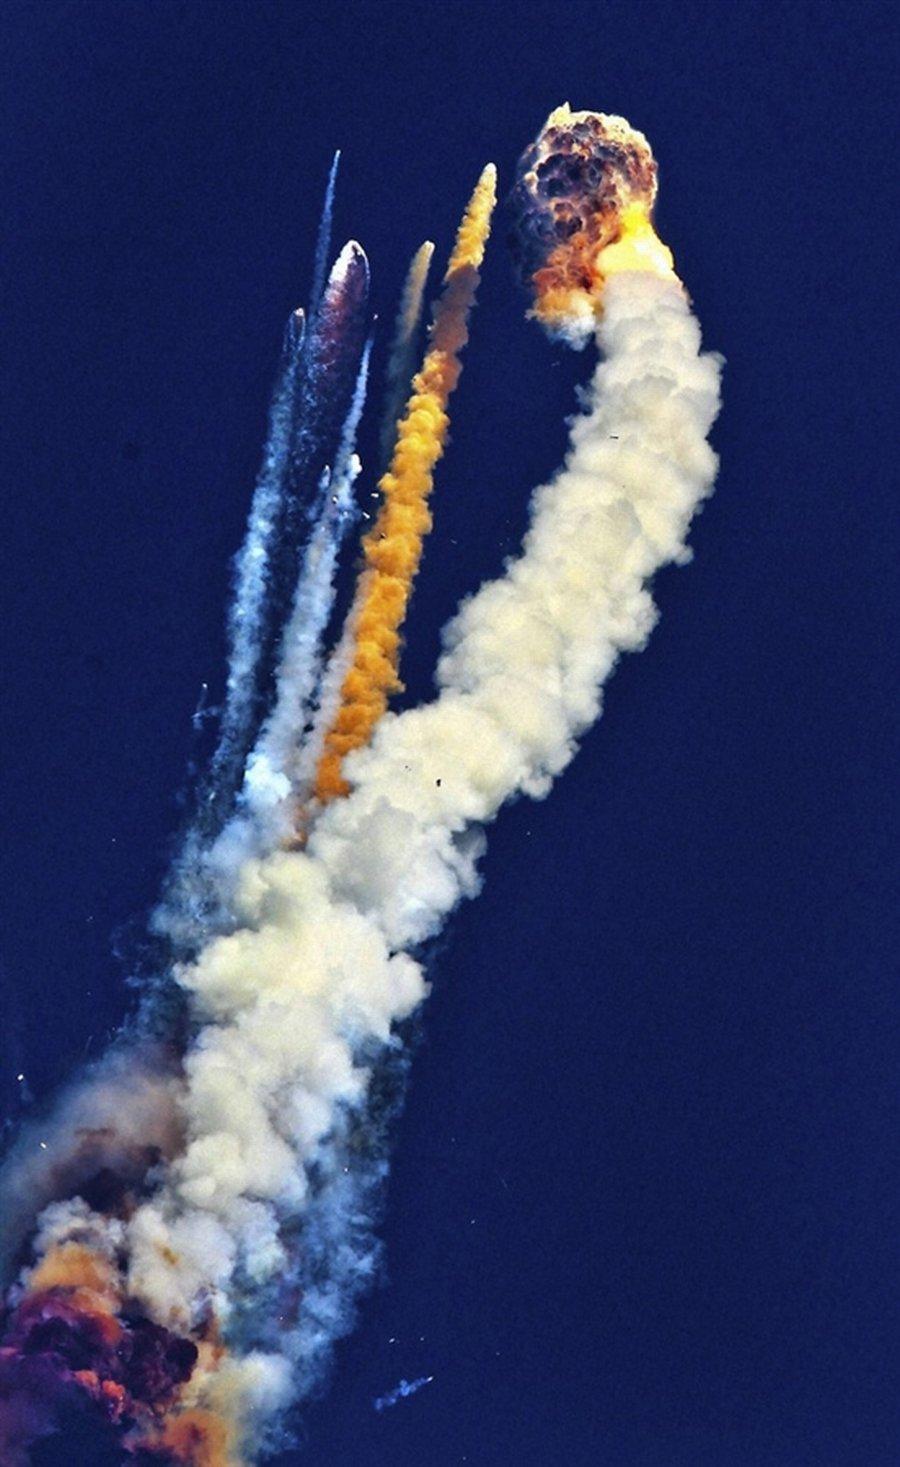 Ракета, запущенная с космодрома в штате Андхра-Прадеш